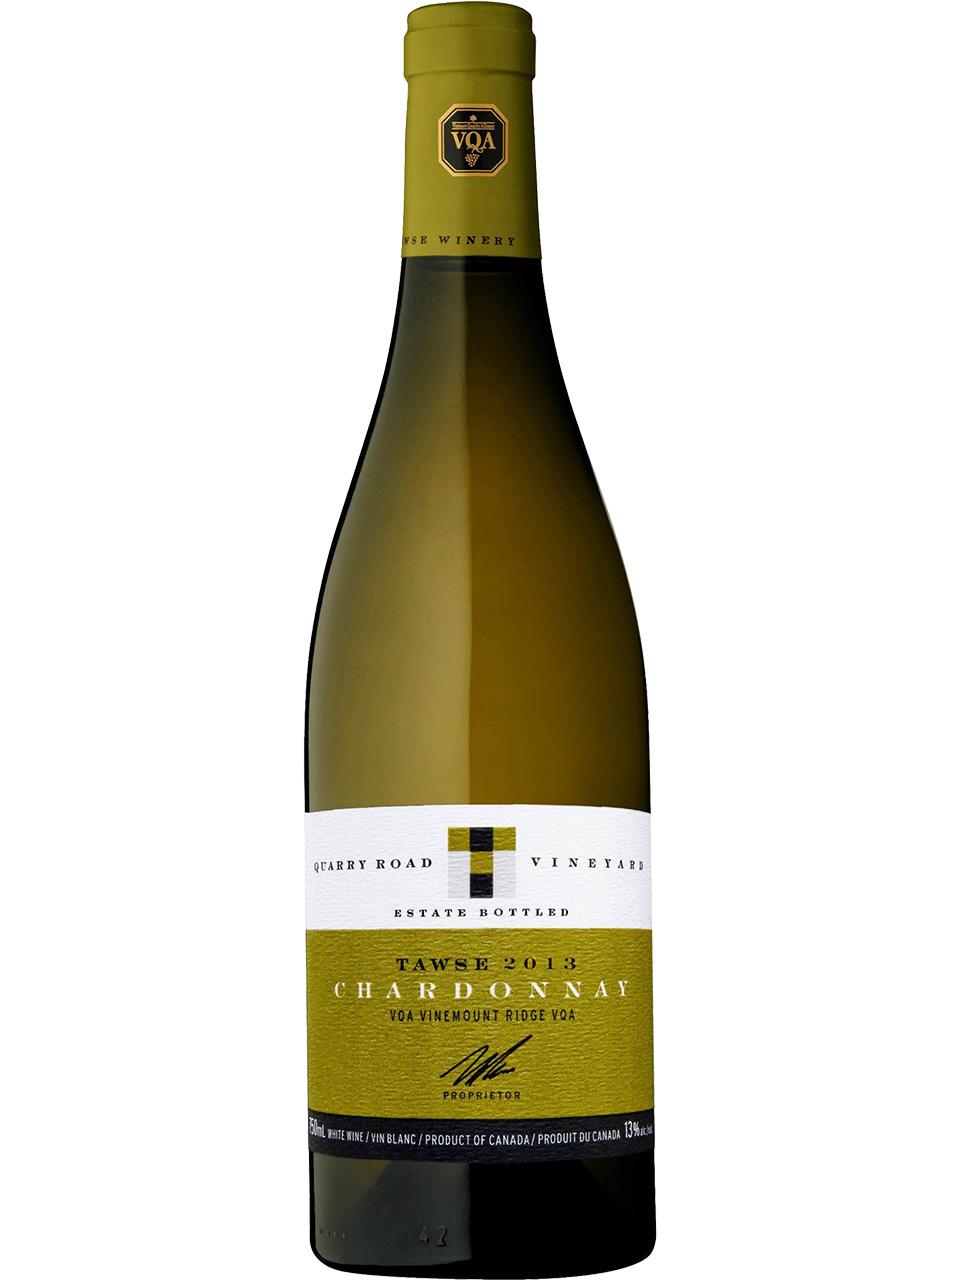 Tawse Quarry Road Vineyard Chardonnay